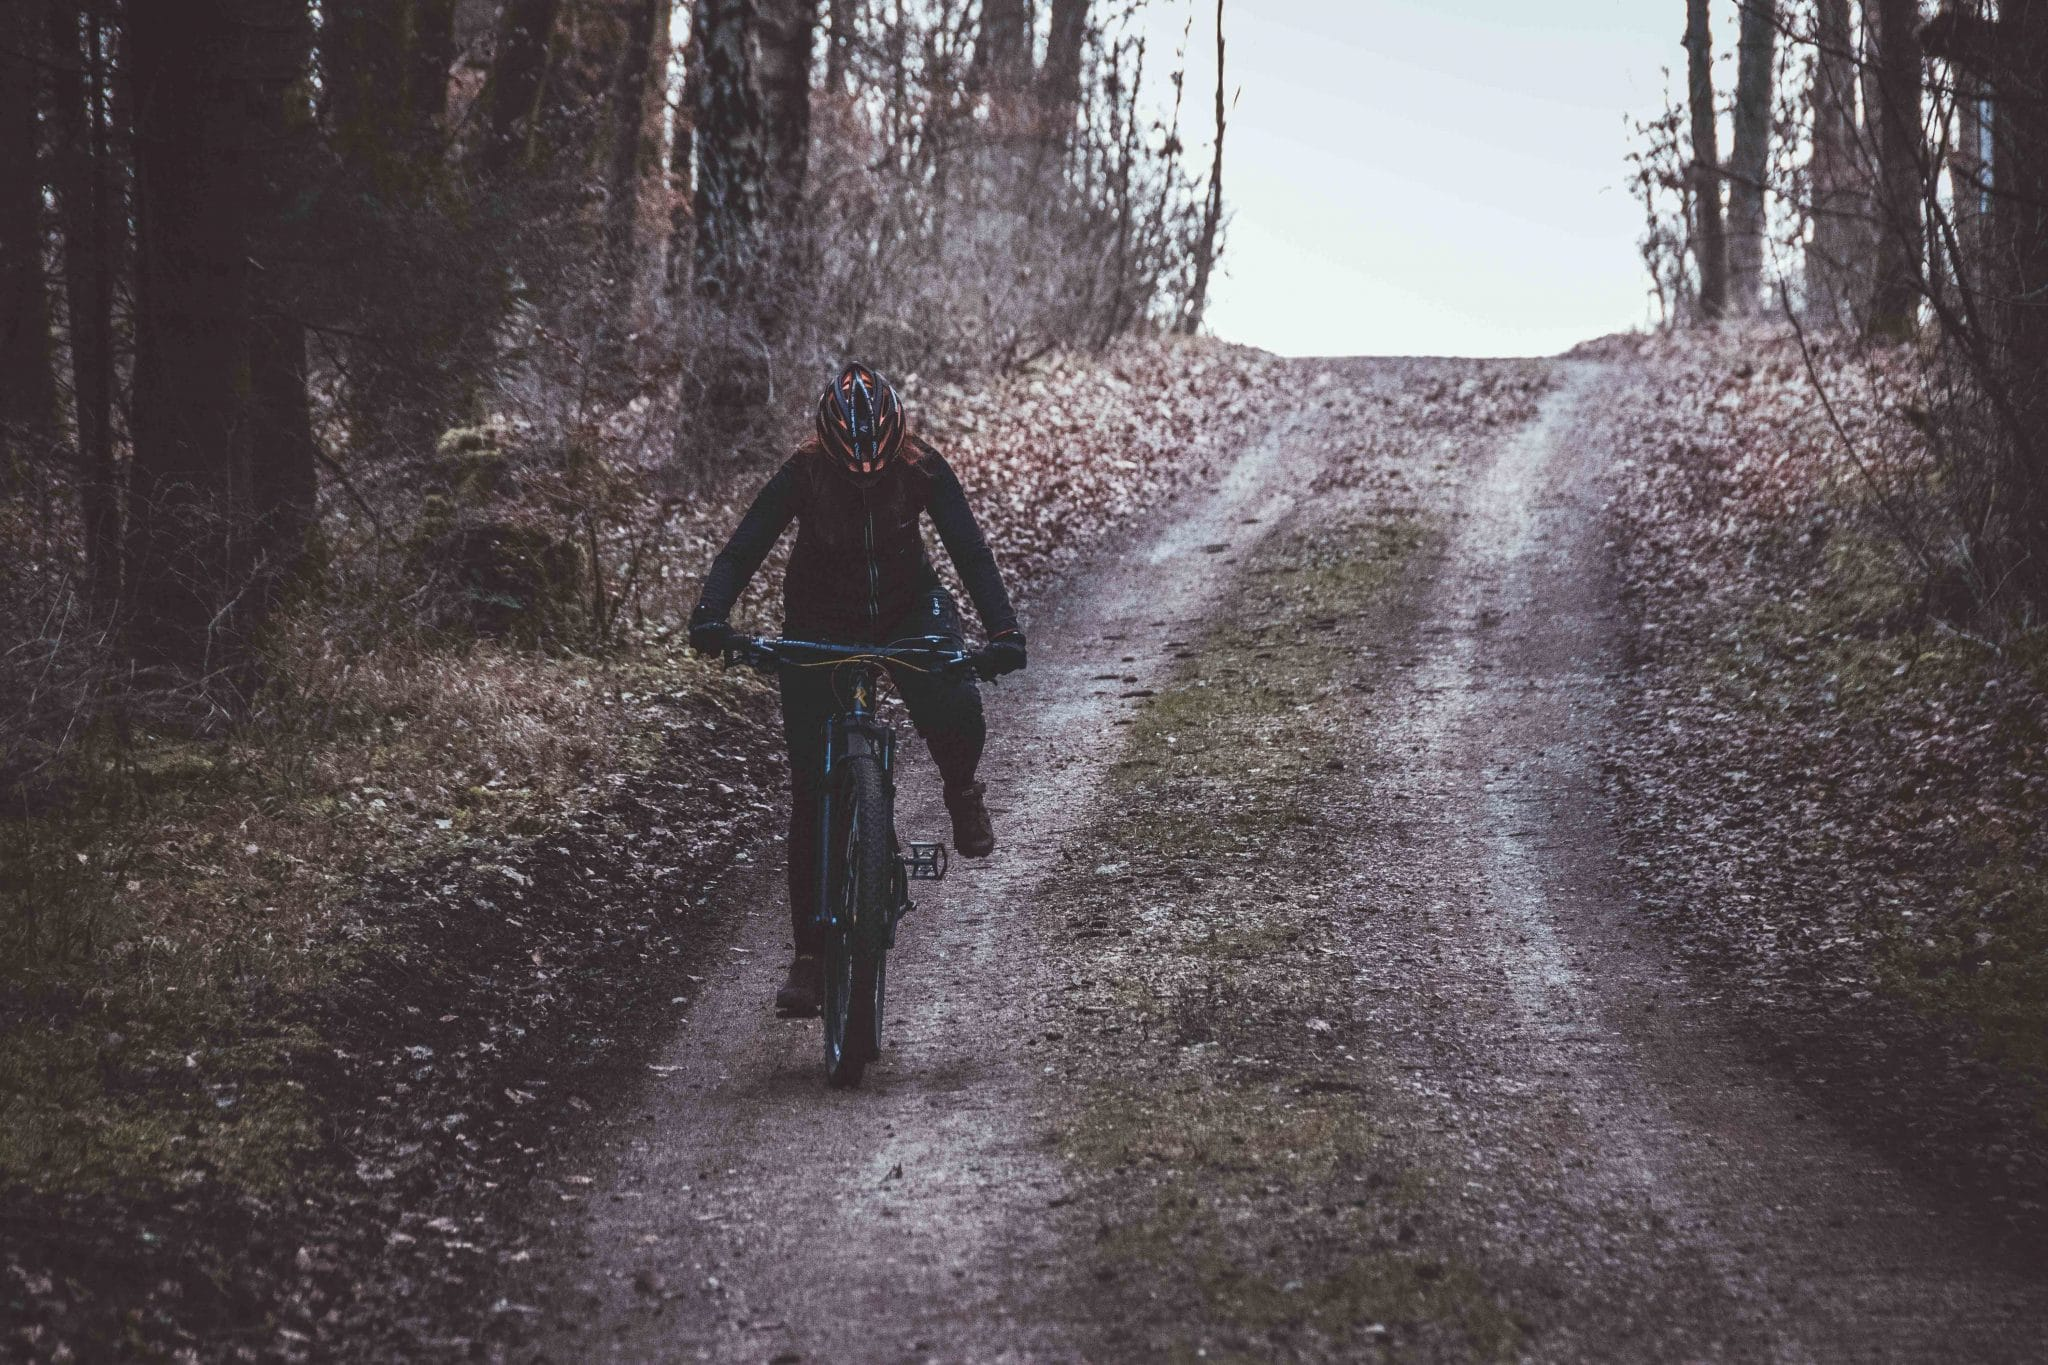 Radfahren während der Corona Krise - was ist erlaubt und was nicht? Infos für Radfahrer und Radsportler